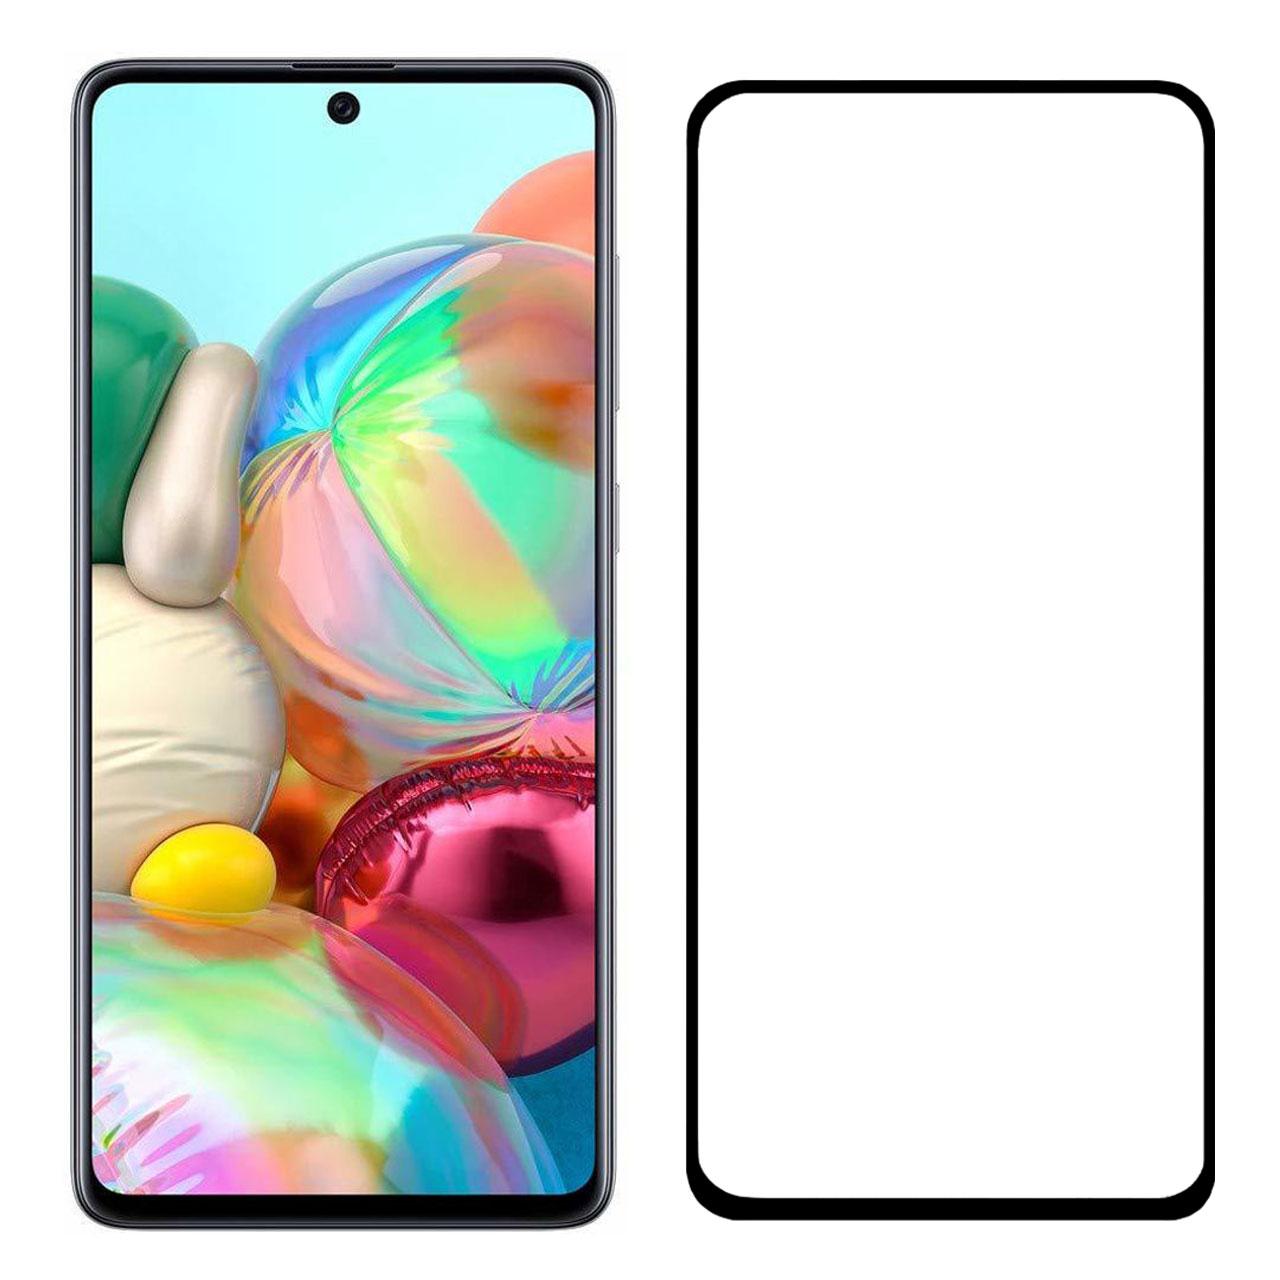 محافظ صفحه نمایش مدل FCG مناسب برای گوشی موبایل سامسونگ Galaxy A71